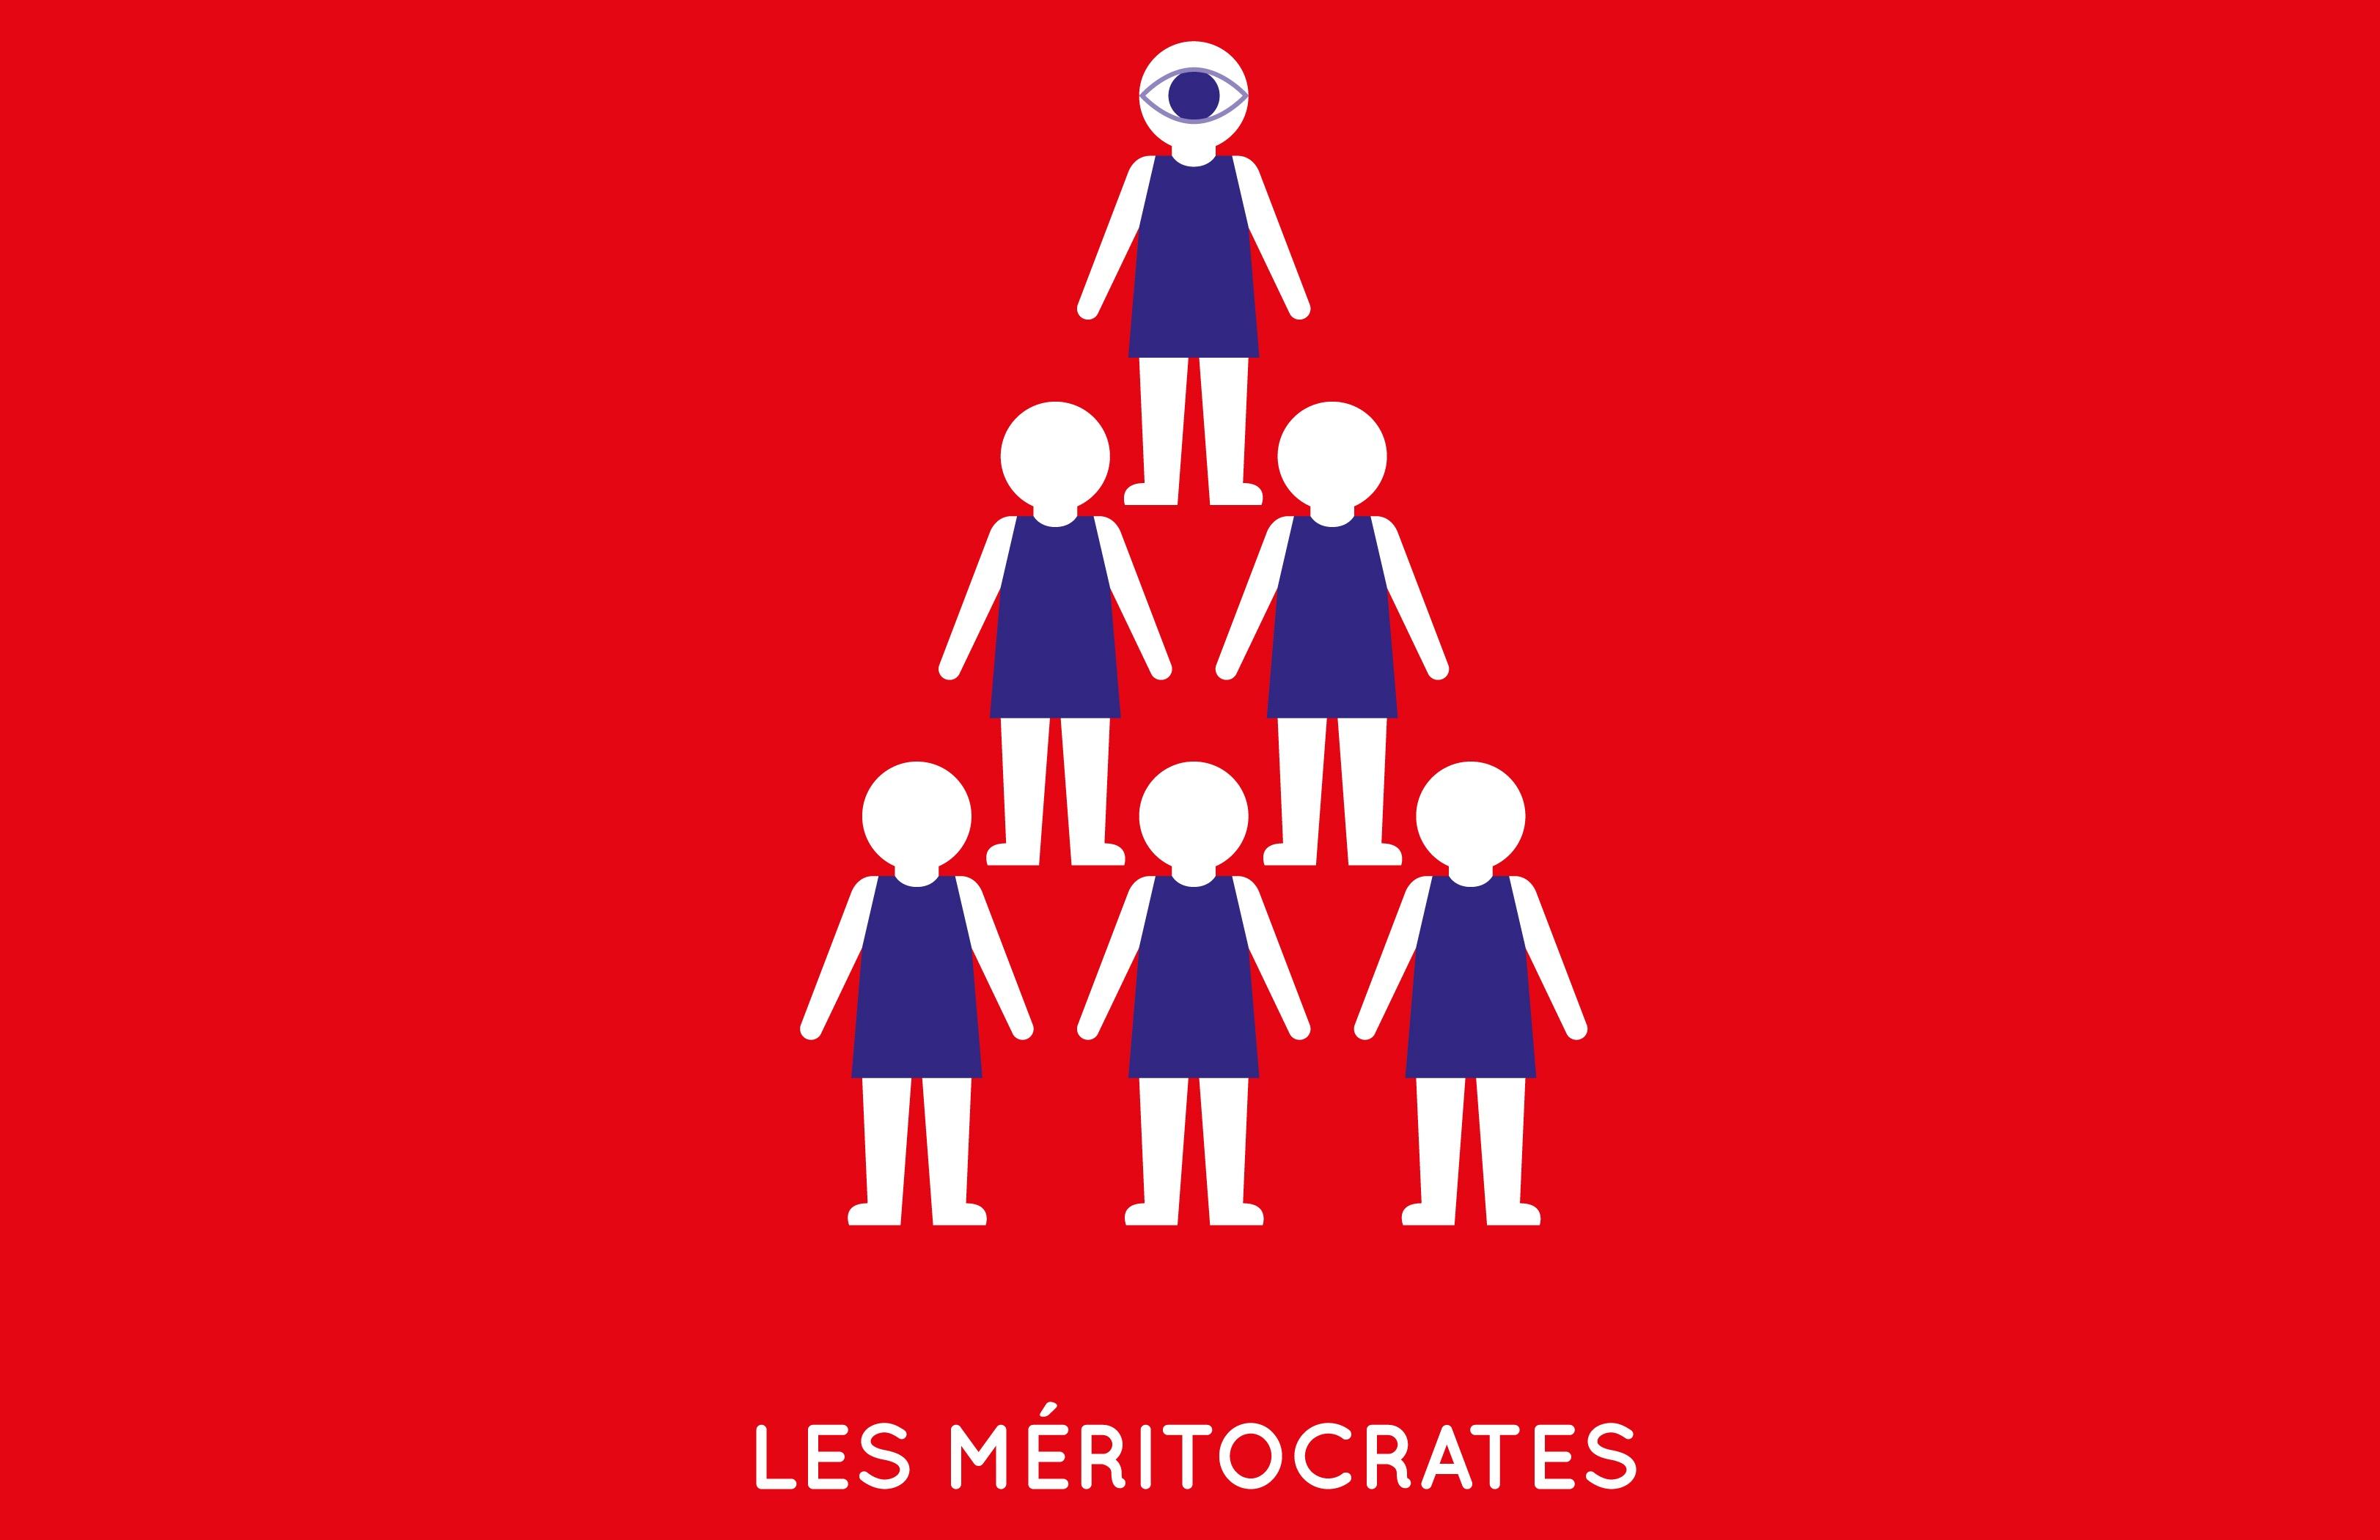 Meritocrates-tudoux